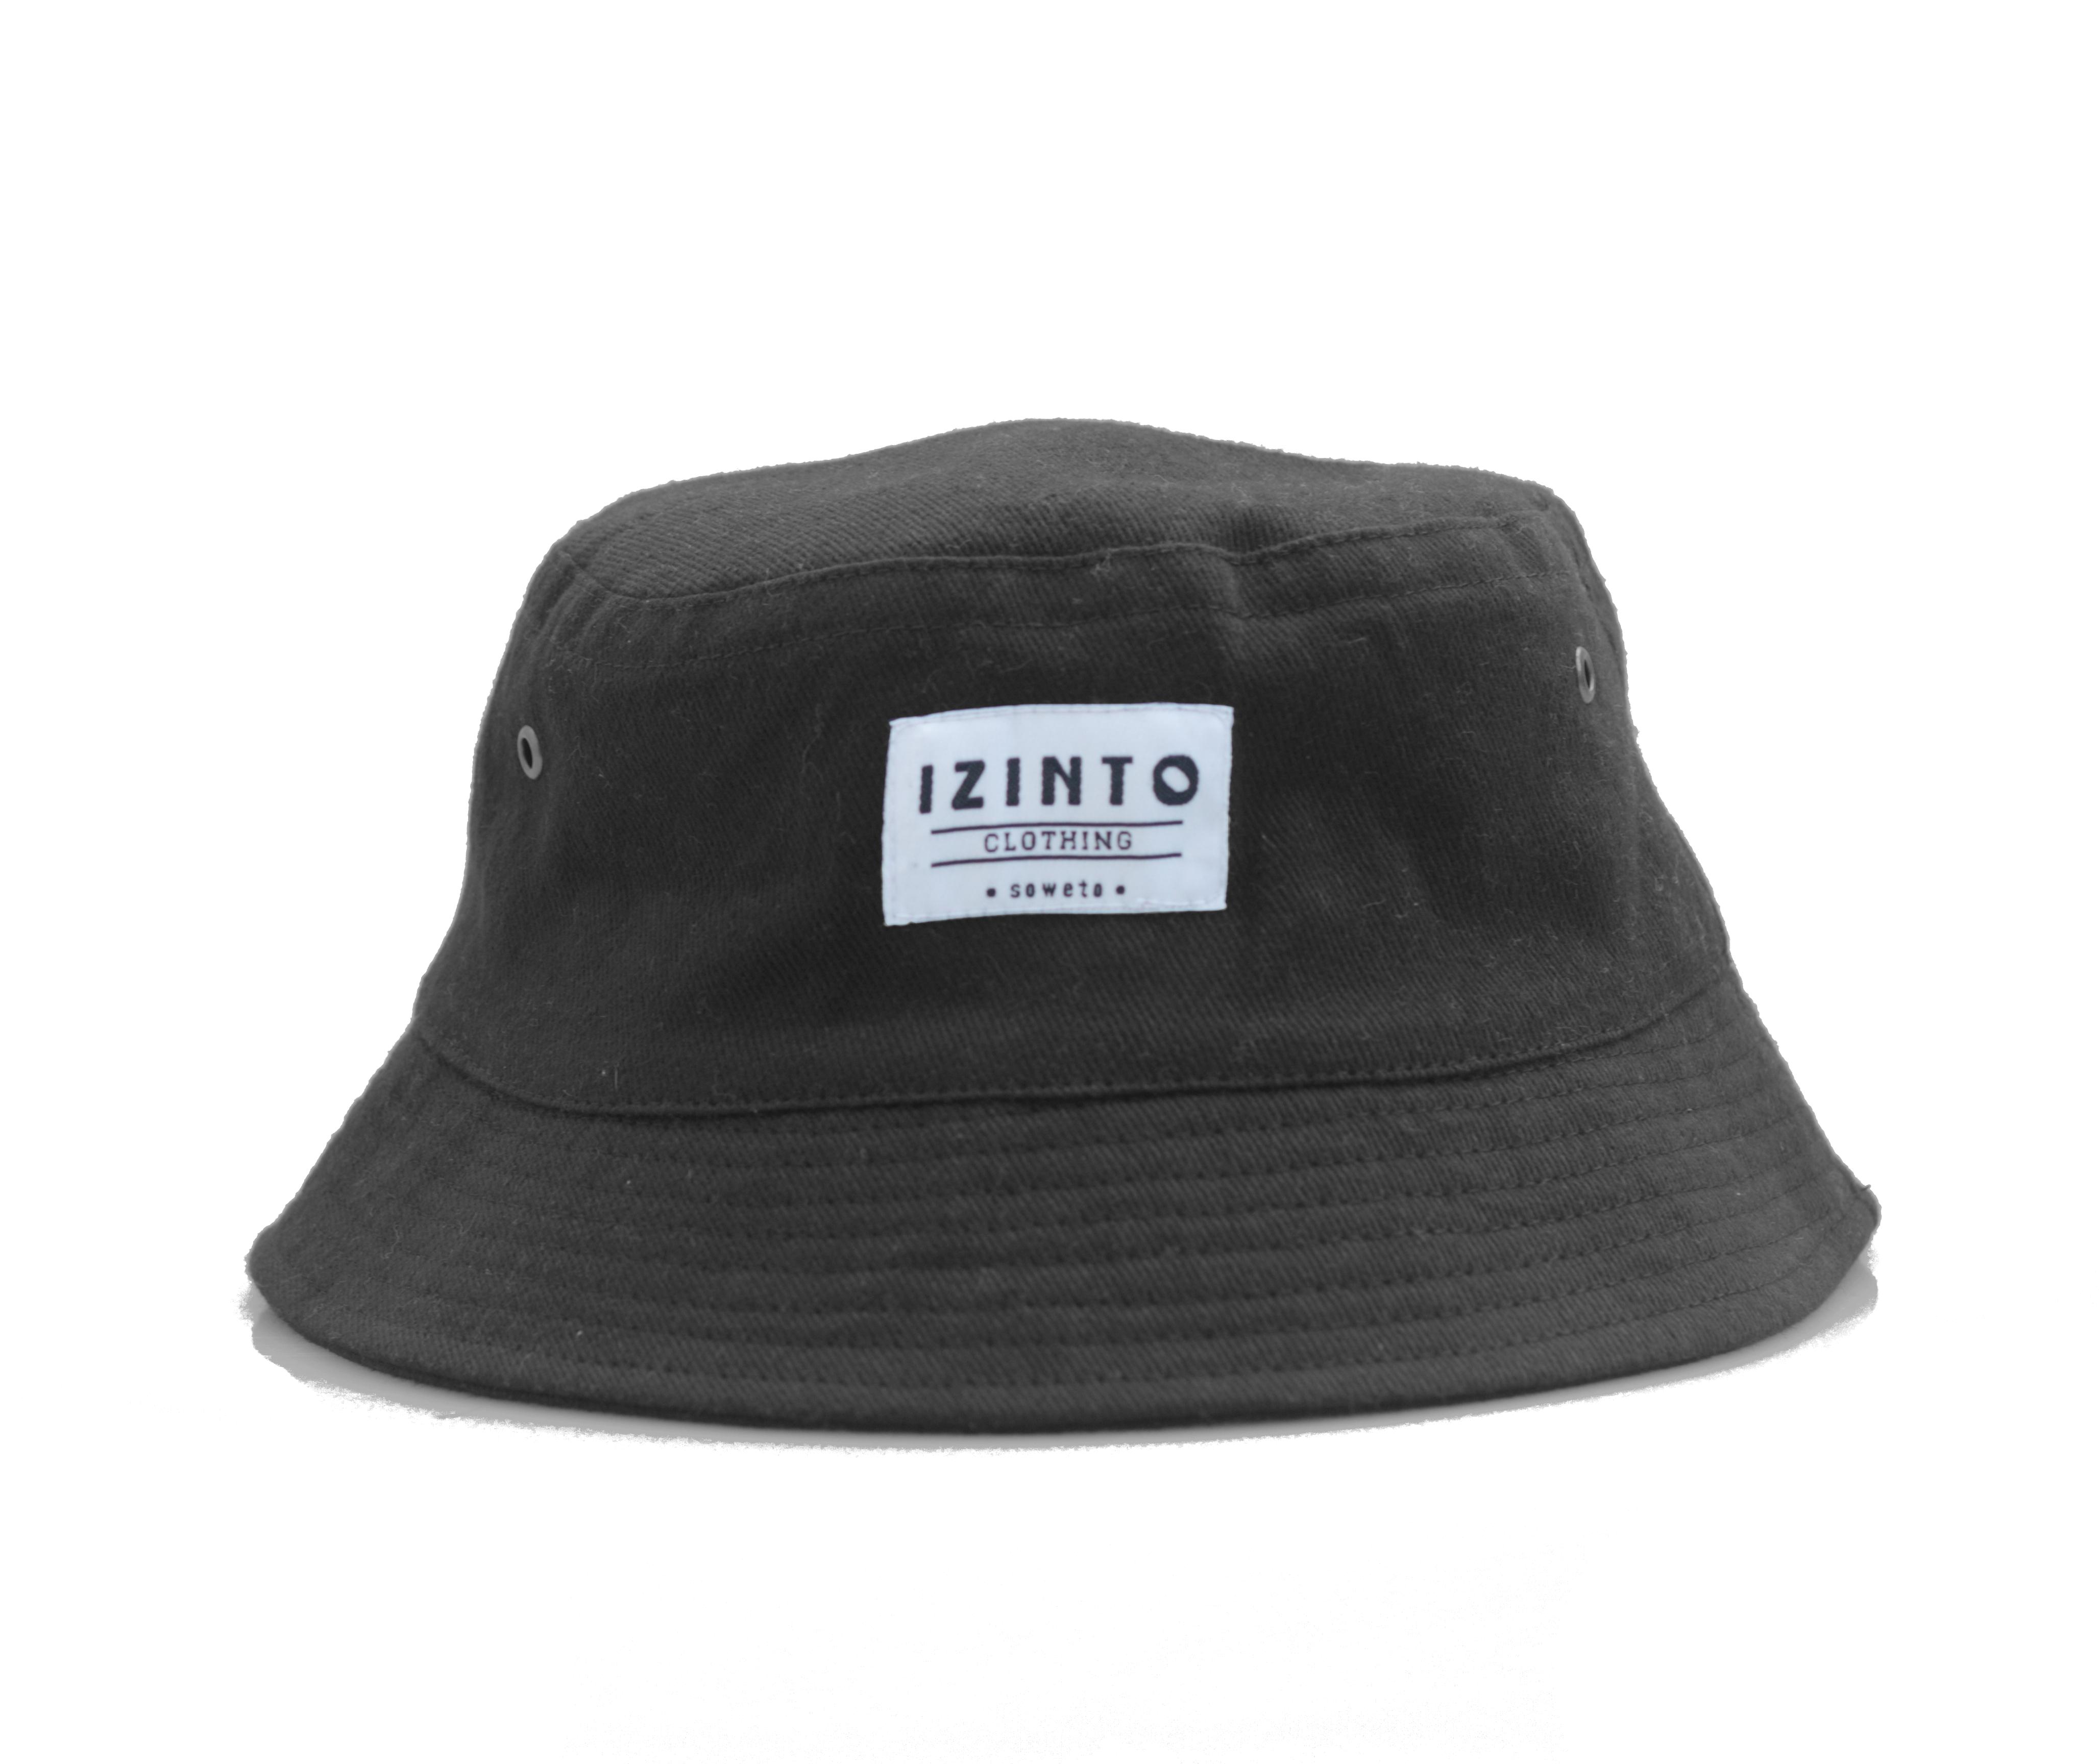 3c91dd8df0d Black Brushed Cotton Bucket Hat - Izinto Clothing